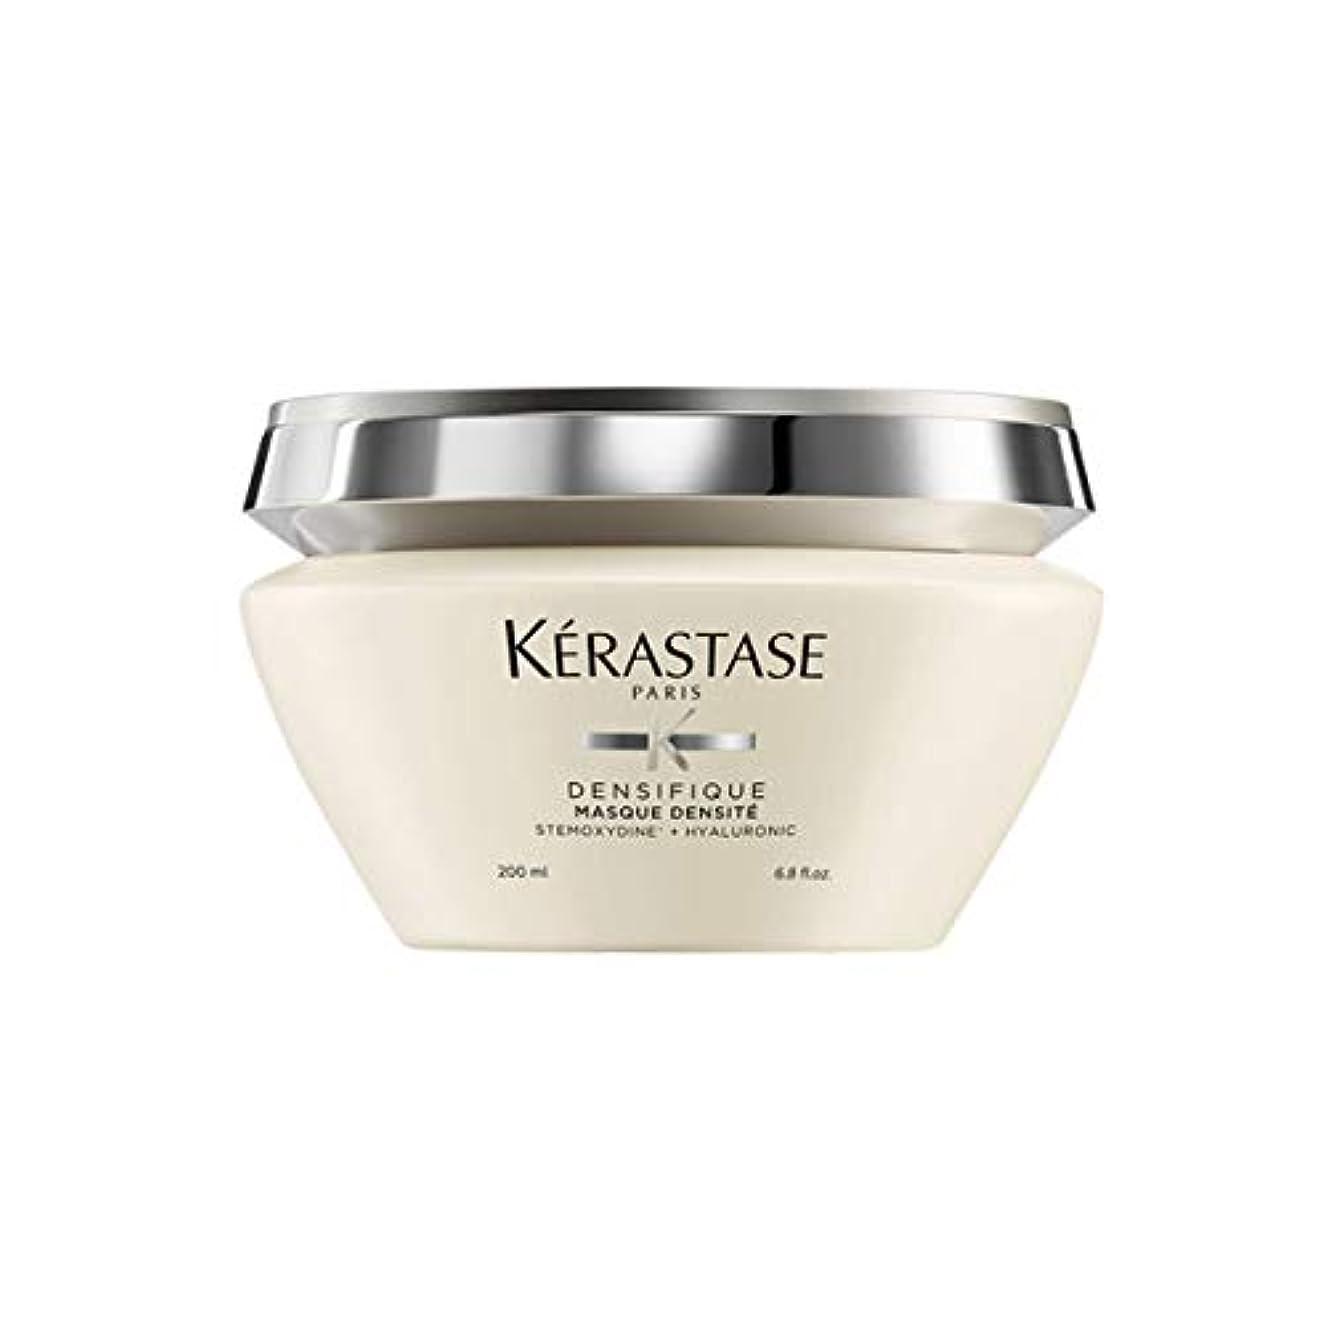 協力キャンディー汚染されたKERASTASE(ケラスターゼ) DS マスク デンシフィック 200g